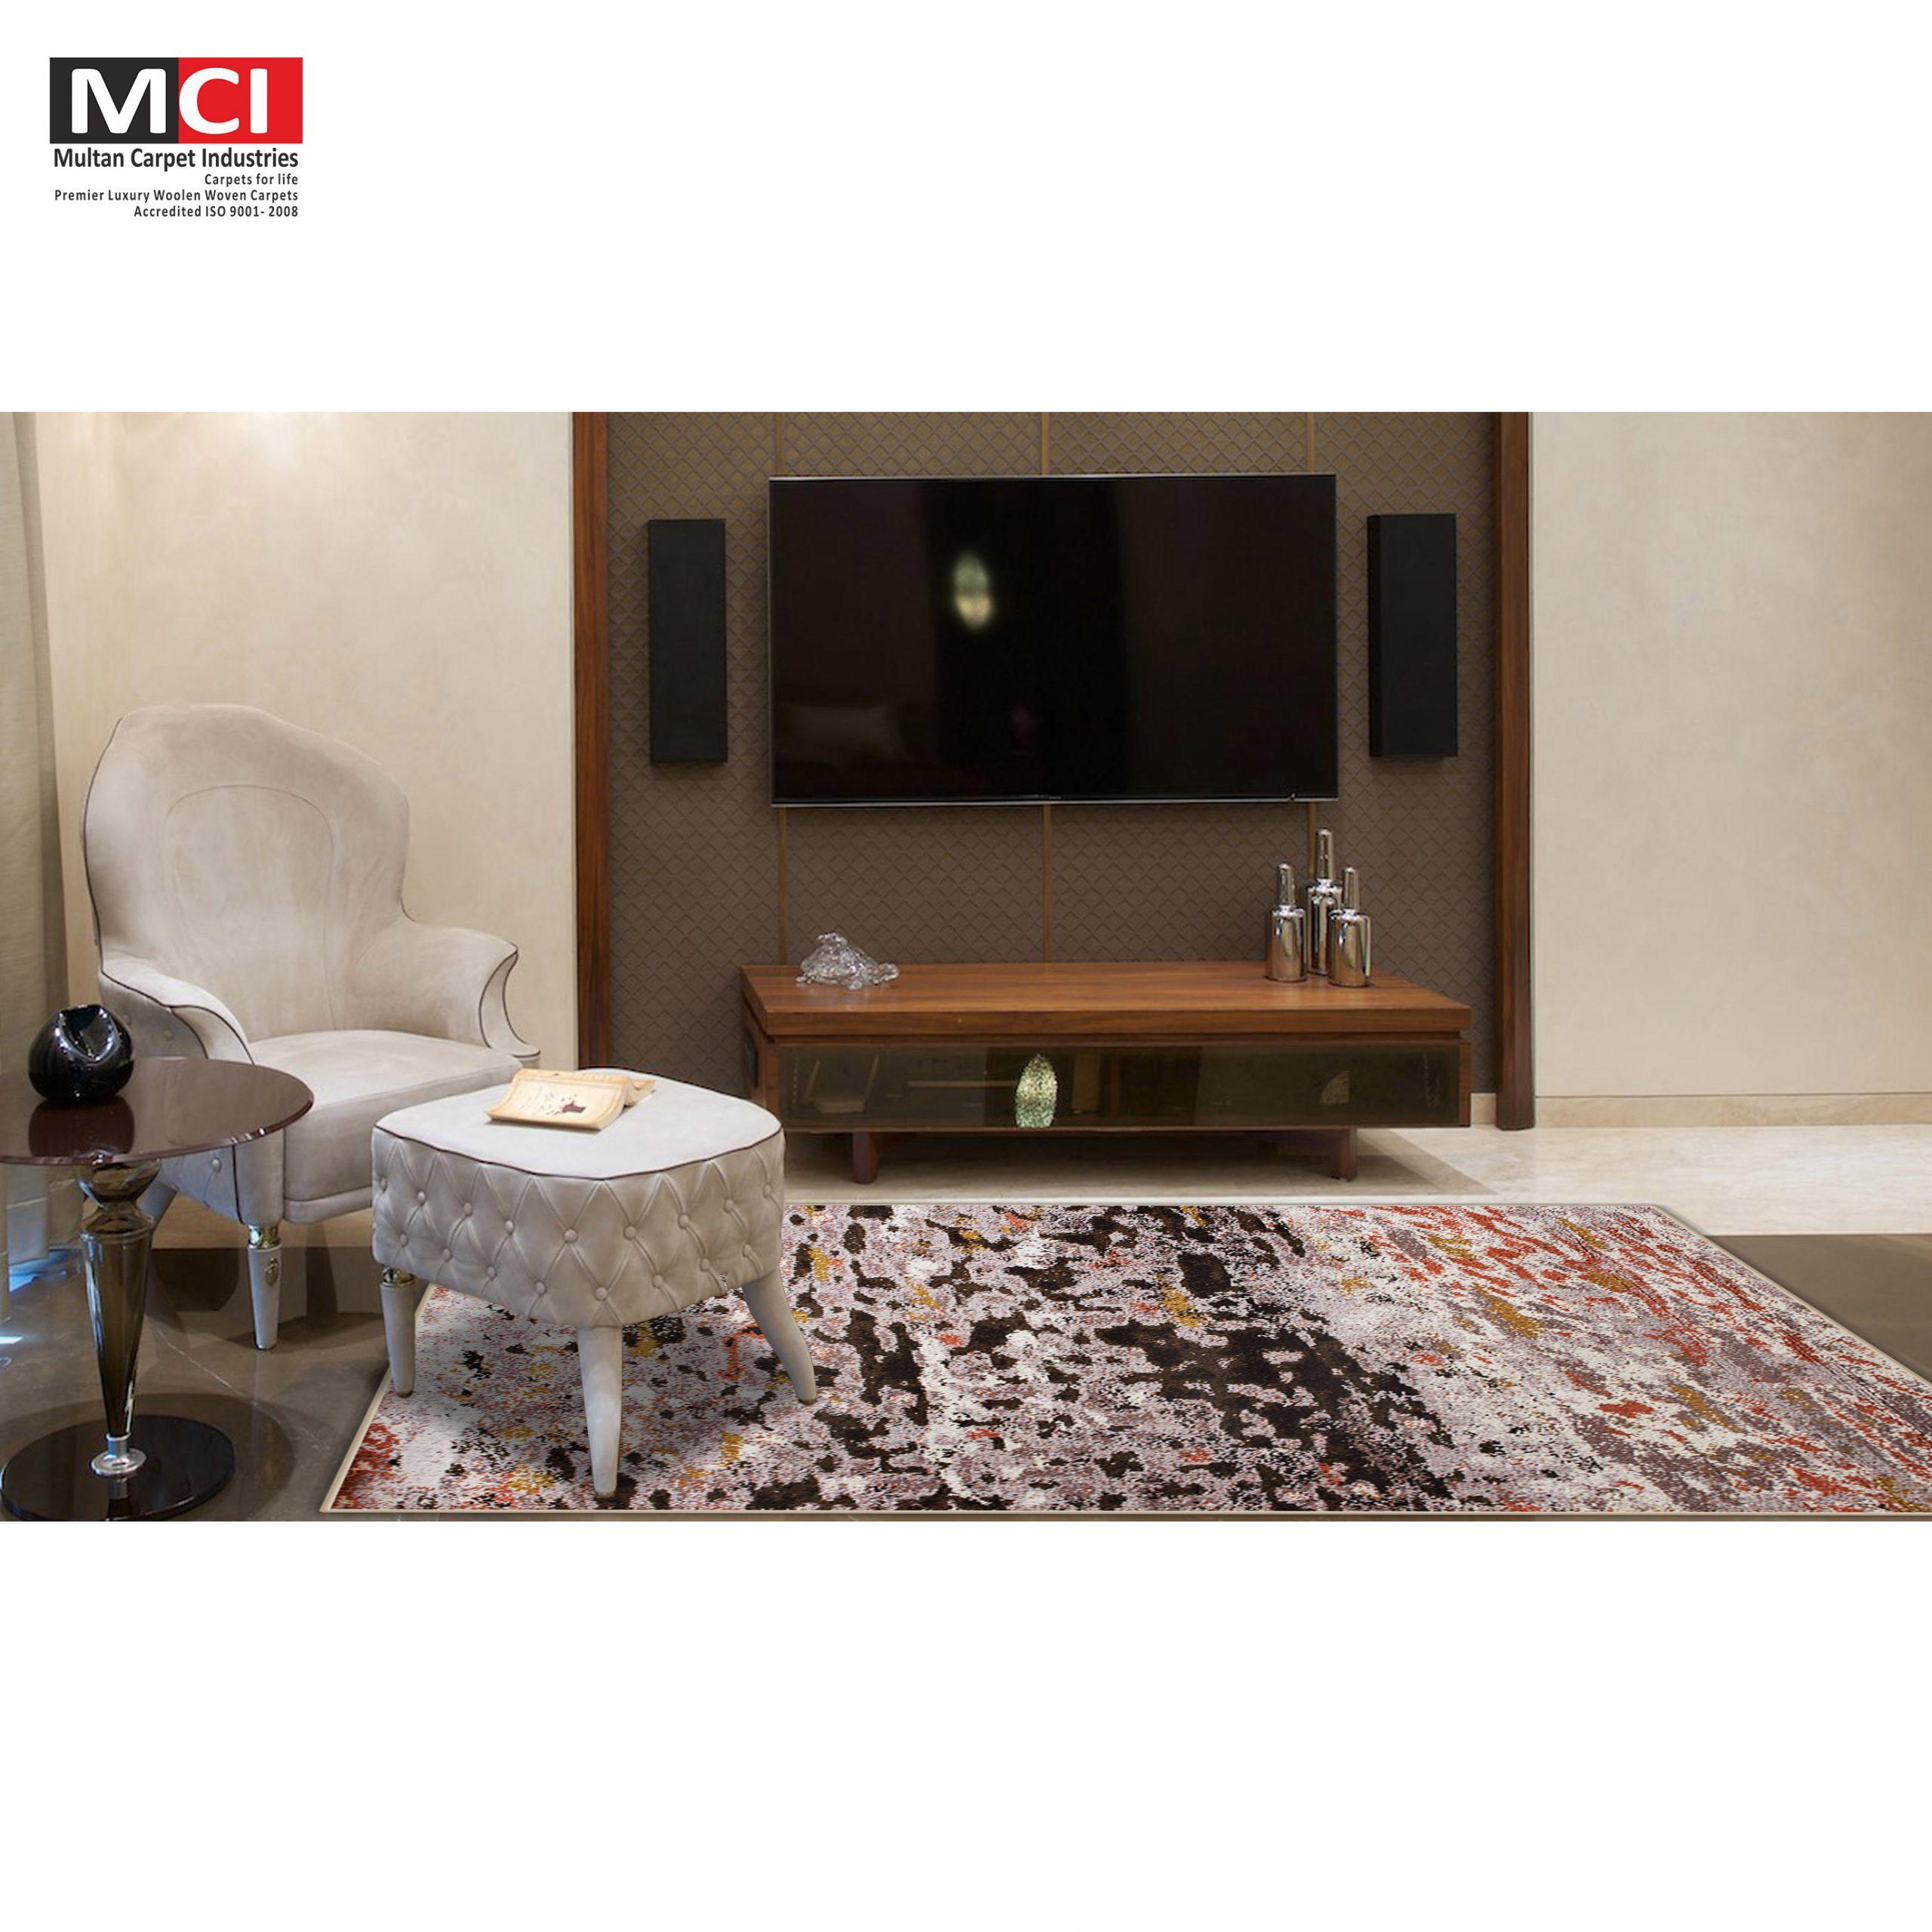 Mungi Residence Project